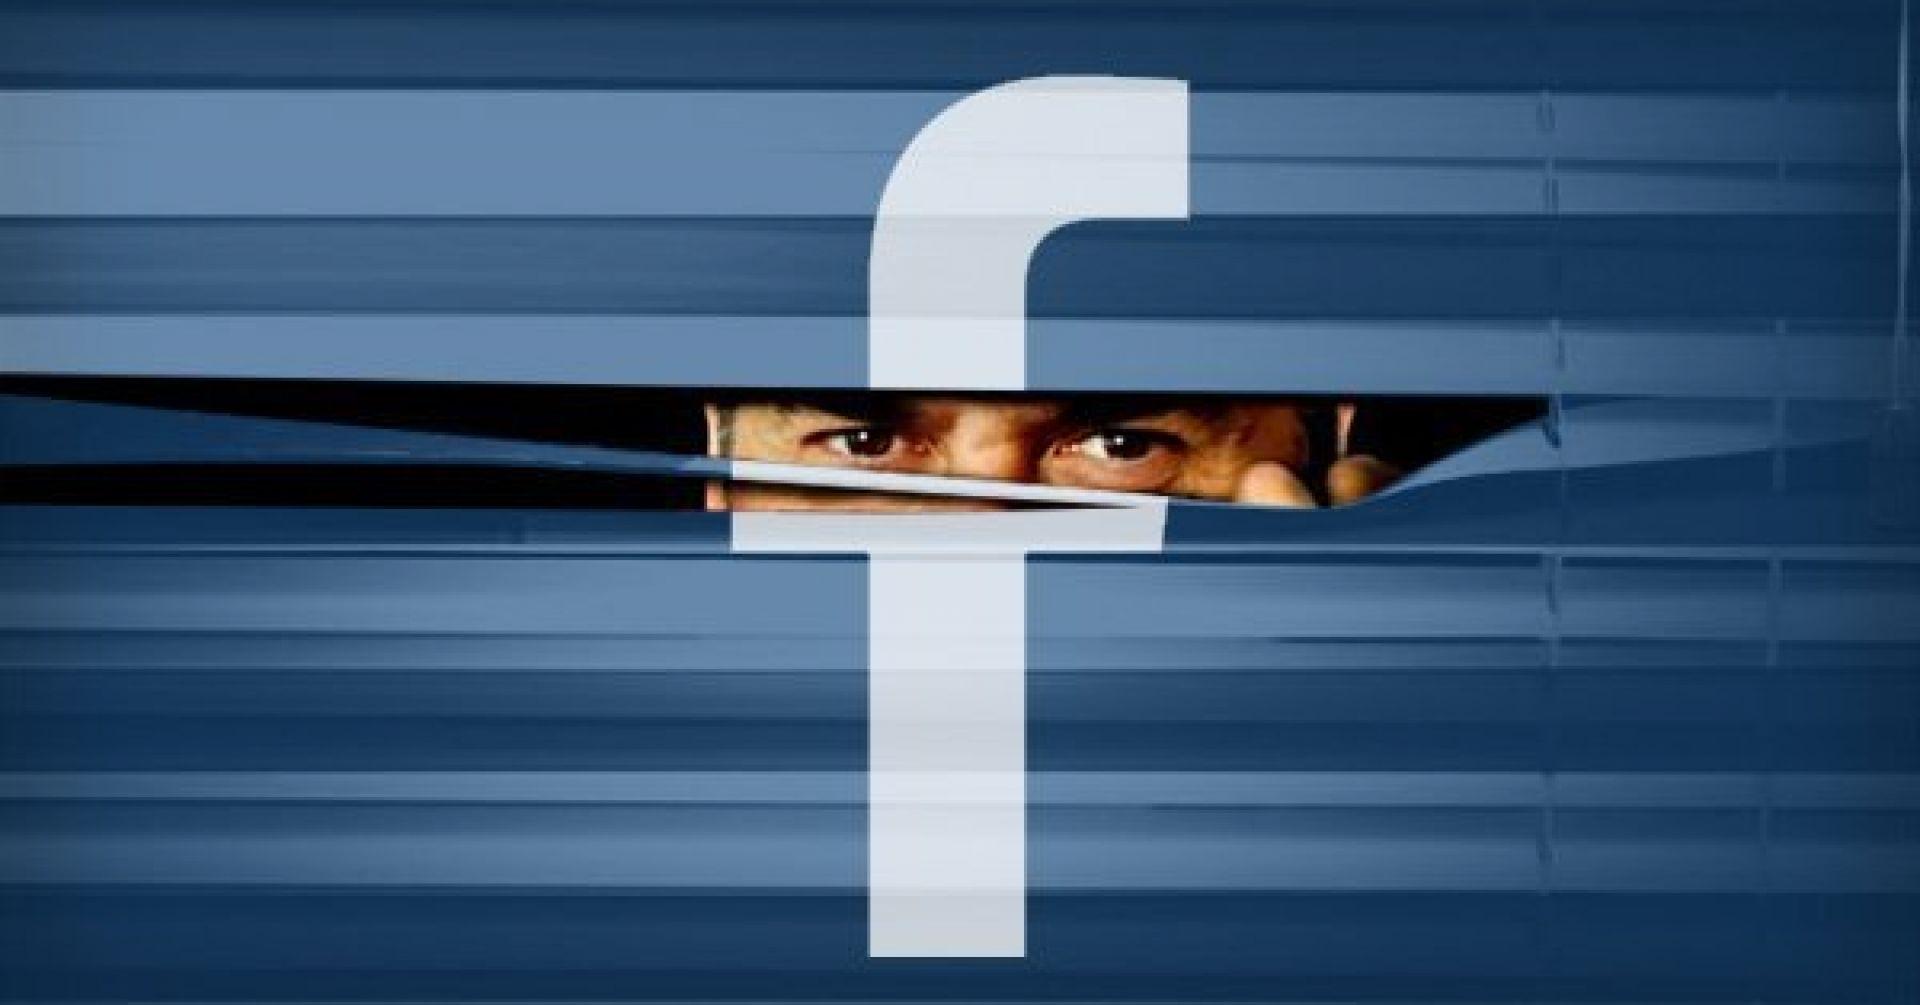 Un bug su Facebook ha reso pubblici i contenuti di 14 milioni di utenti